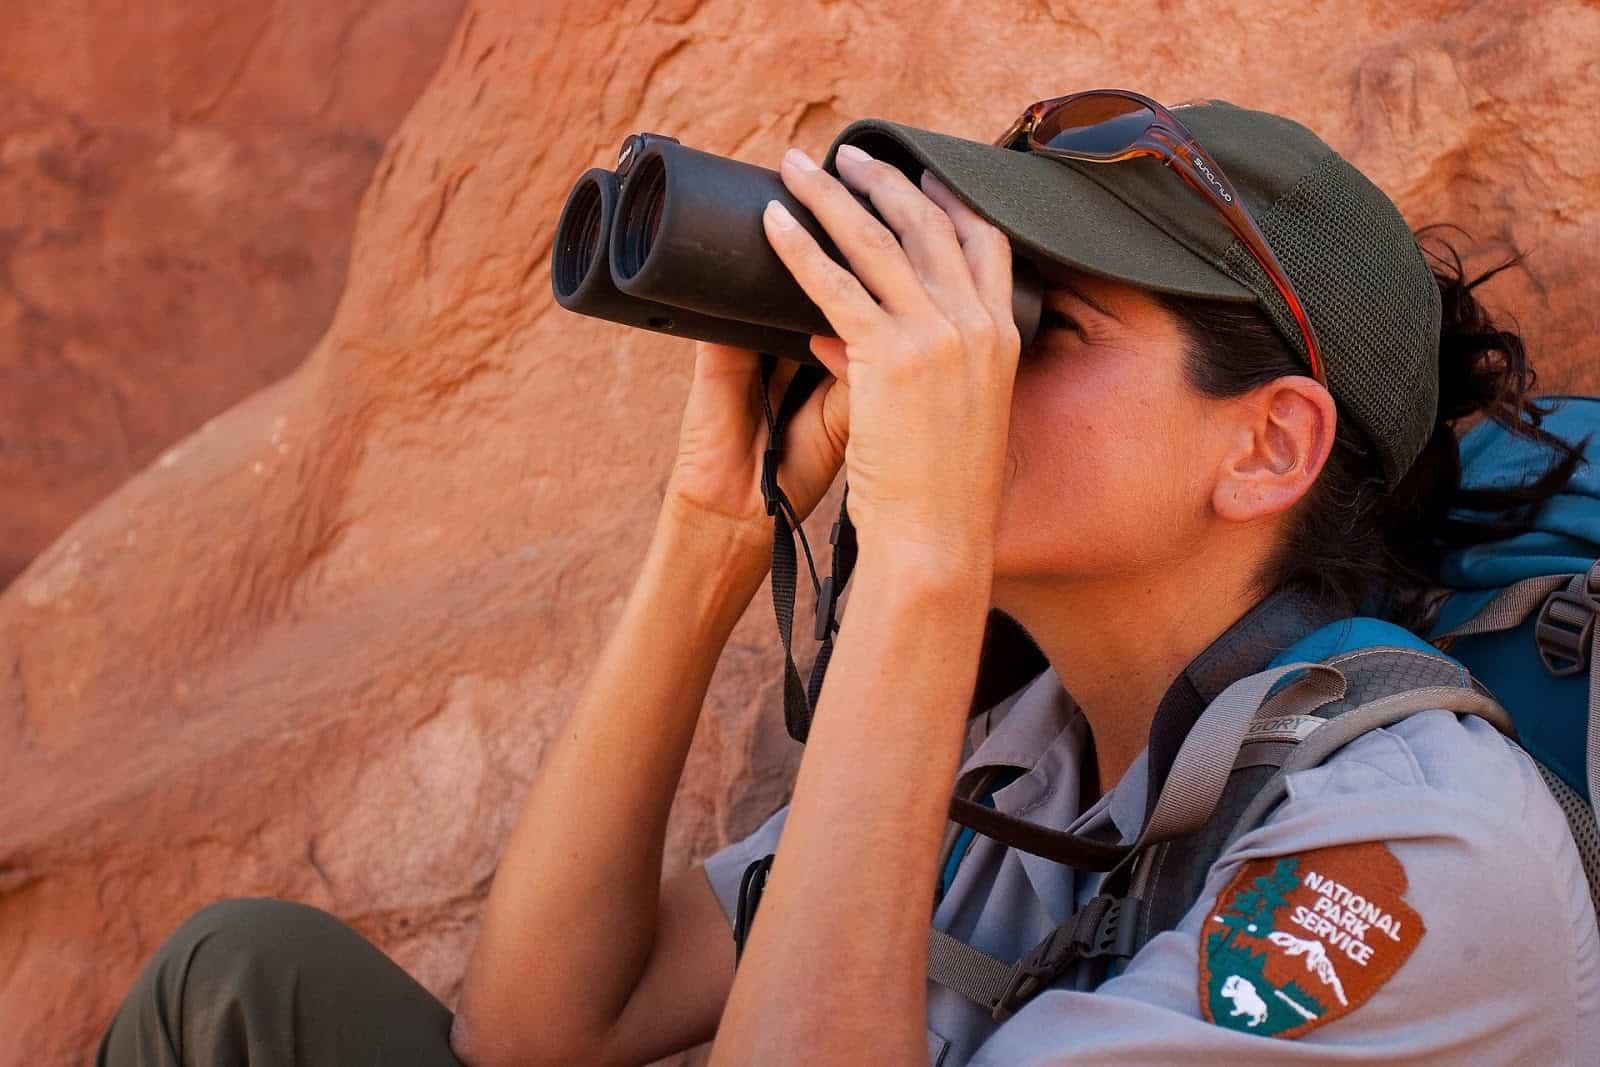 Fun jobs that pay well: Park ranger